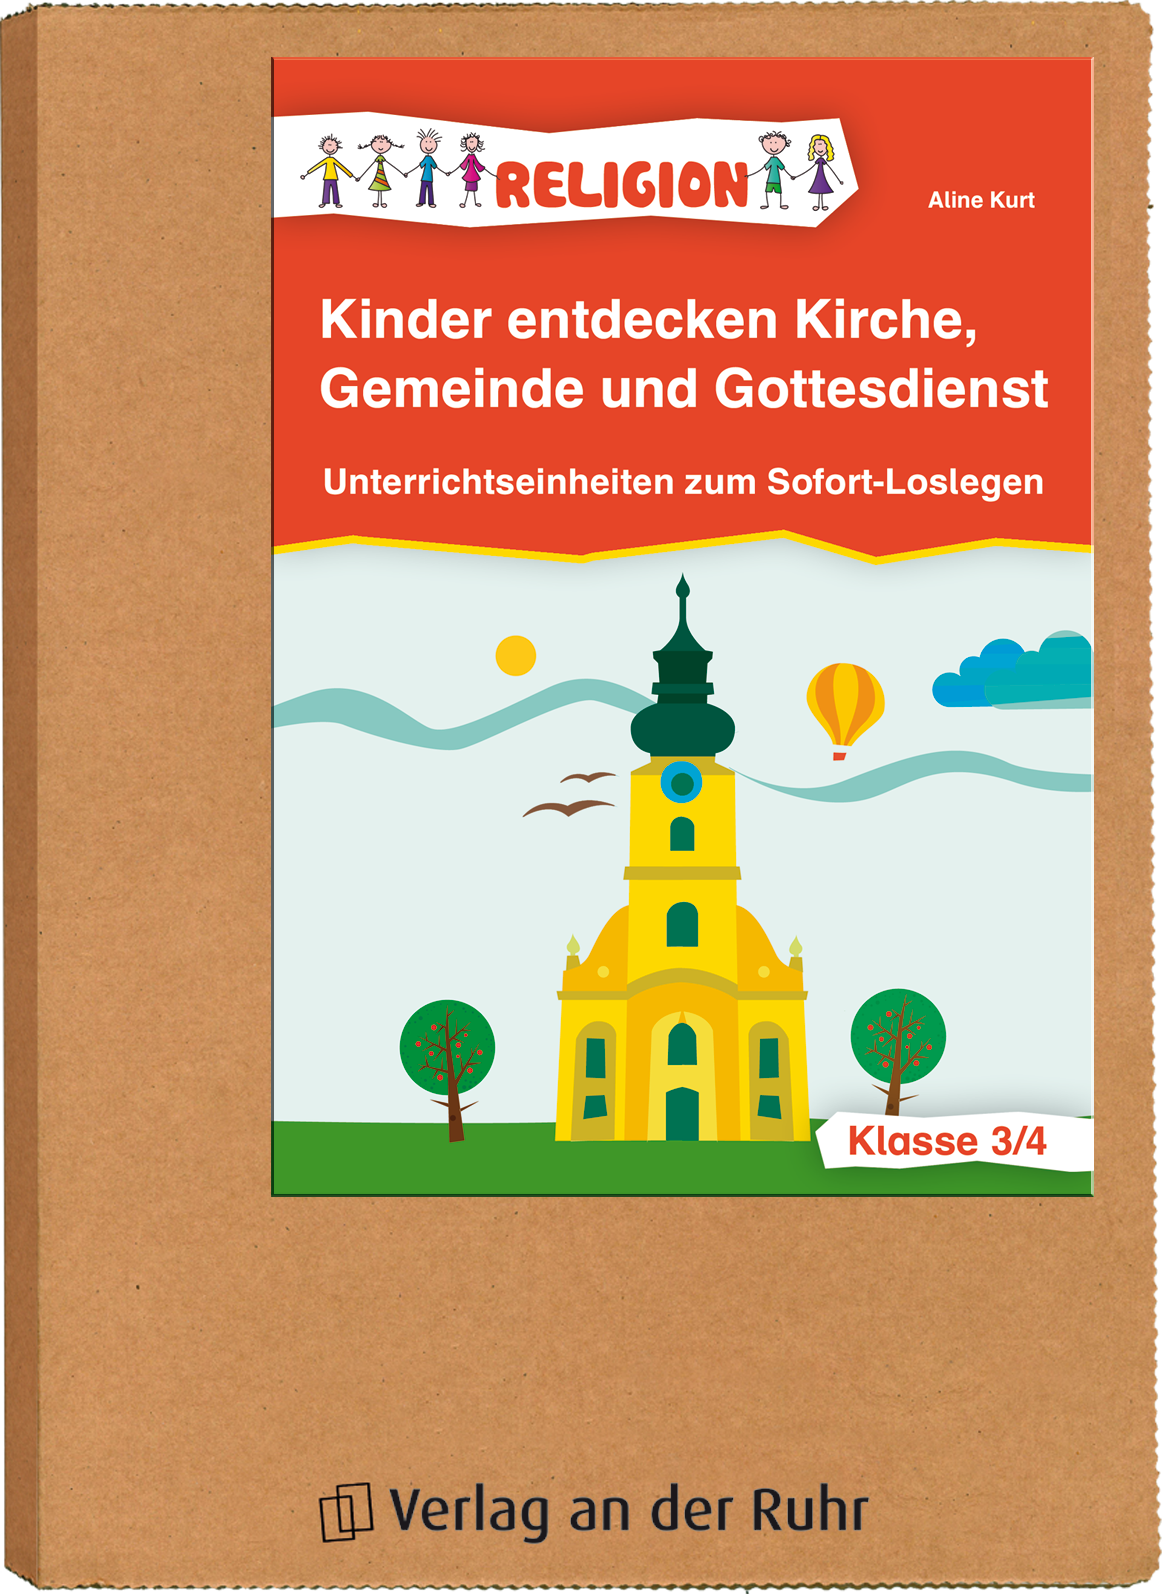 Kinder entdecken Kirche, Gemeinde und Gottesdienst | Religion ...